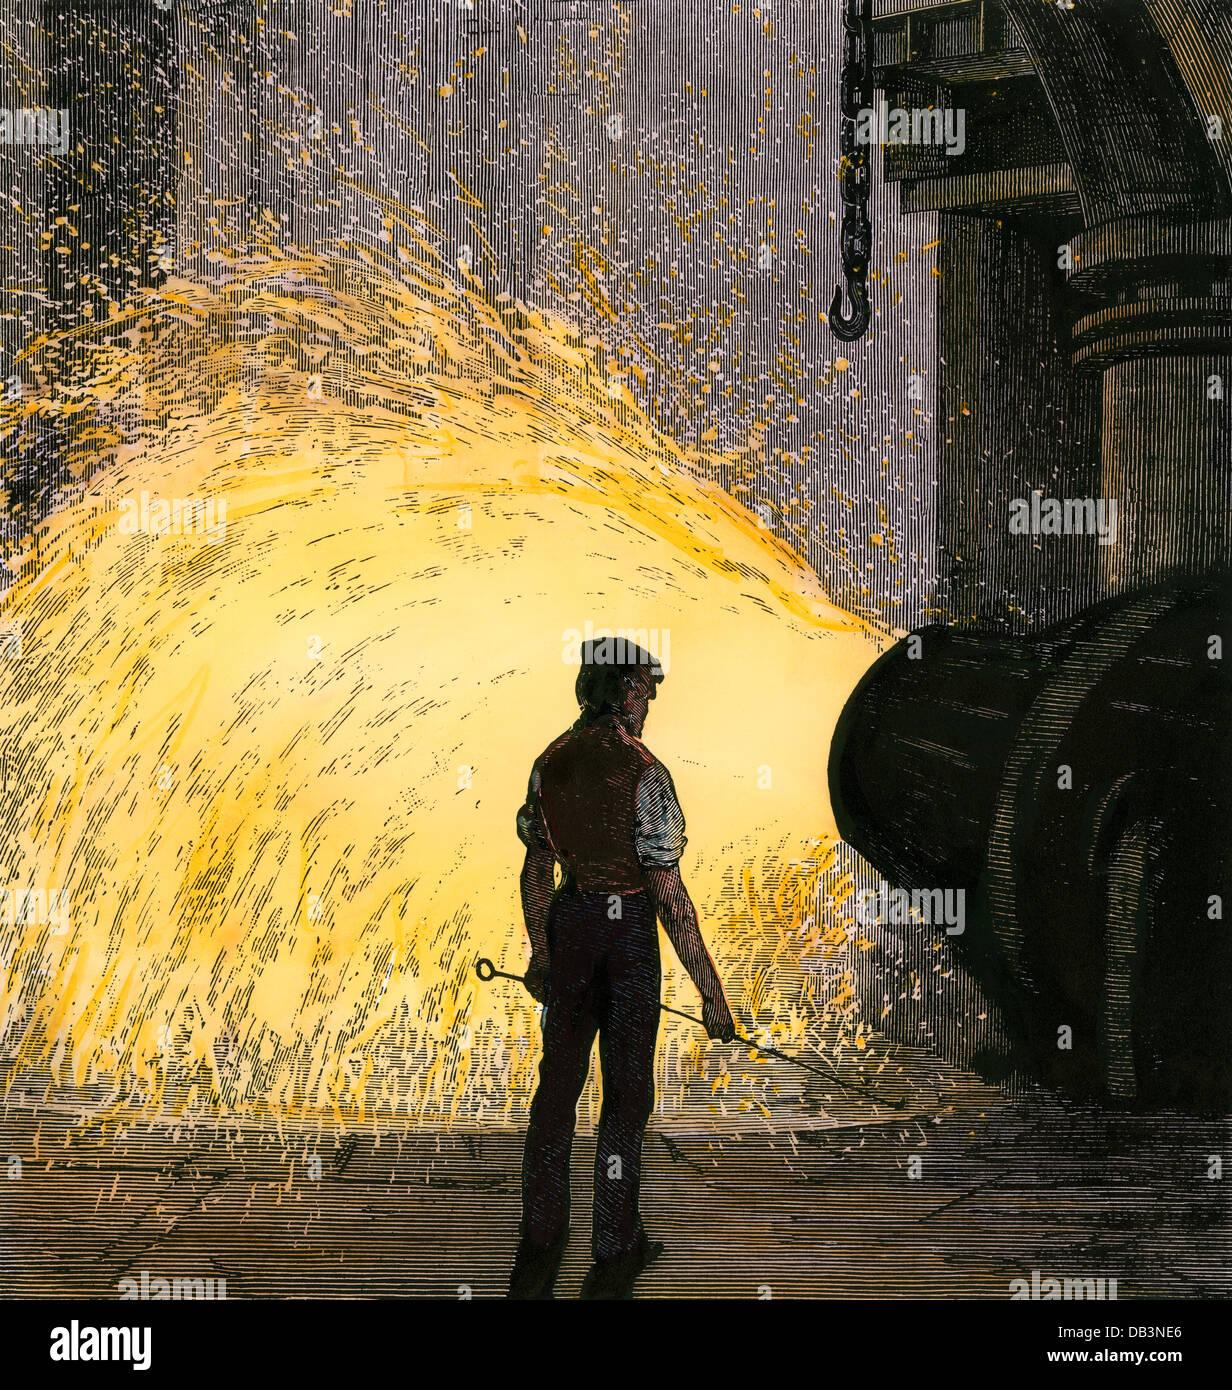 Travailleur de l'usine sidérurgique de superviser un convertisseur Bessemer steel, années 1800. À Photo Stock